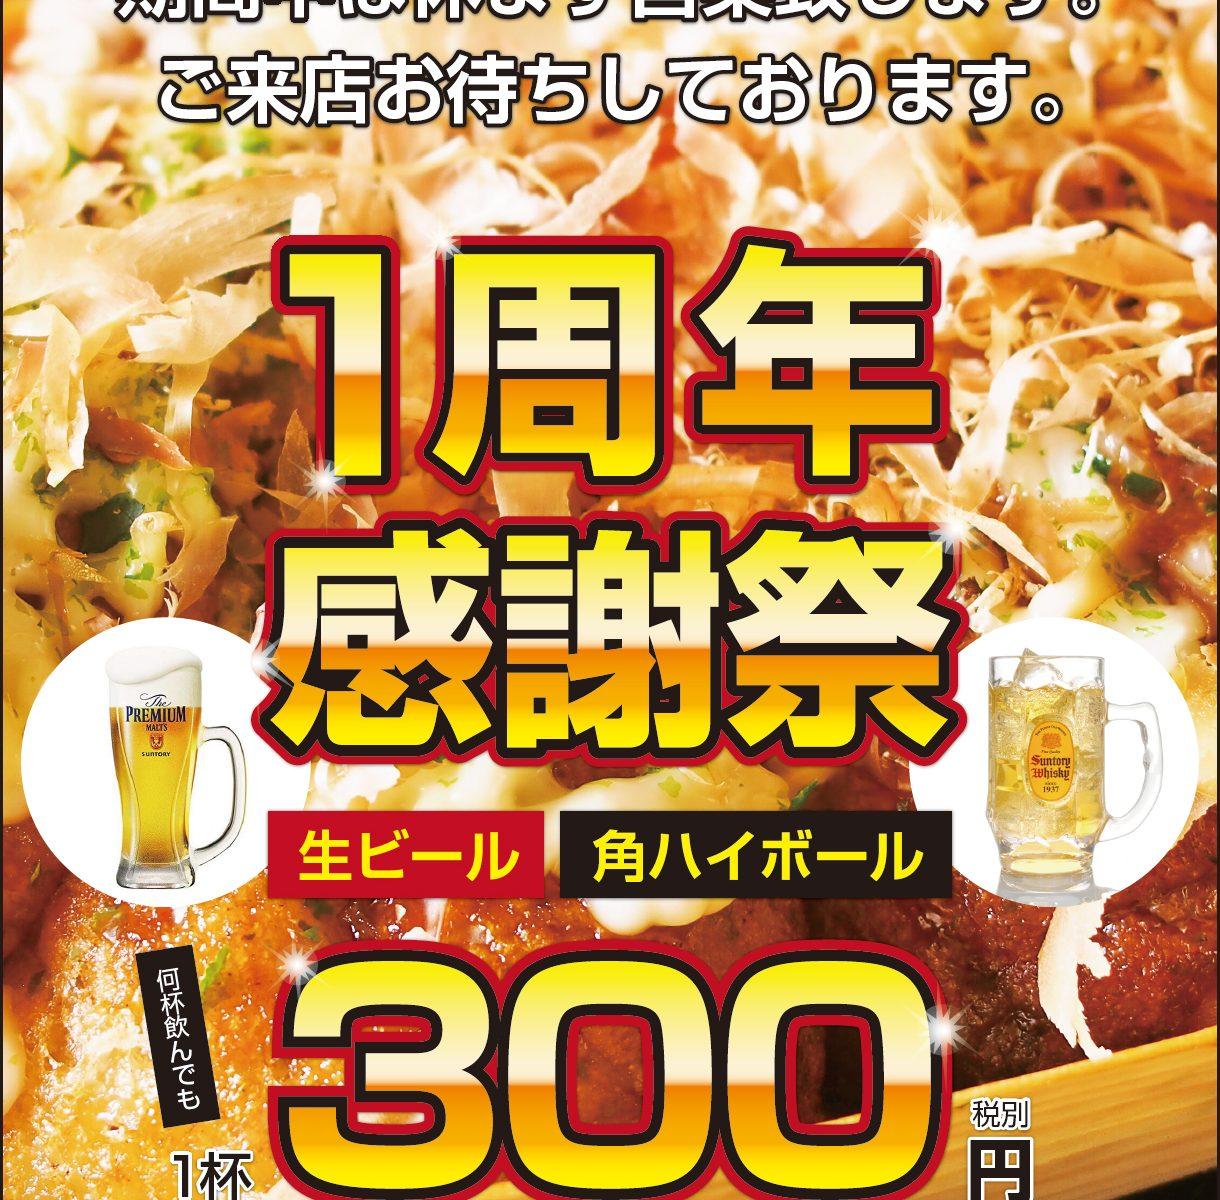 【1周年感謝祭】生ビール・ハイボール(1杯)300円(TAKONOMI)